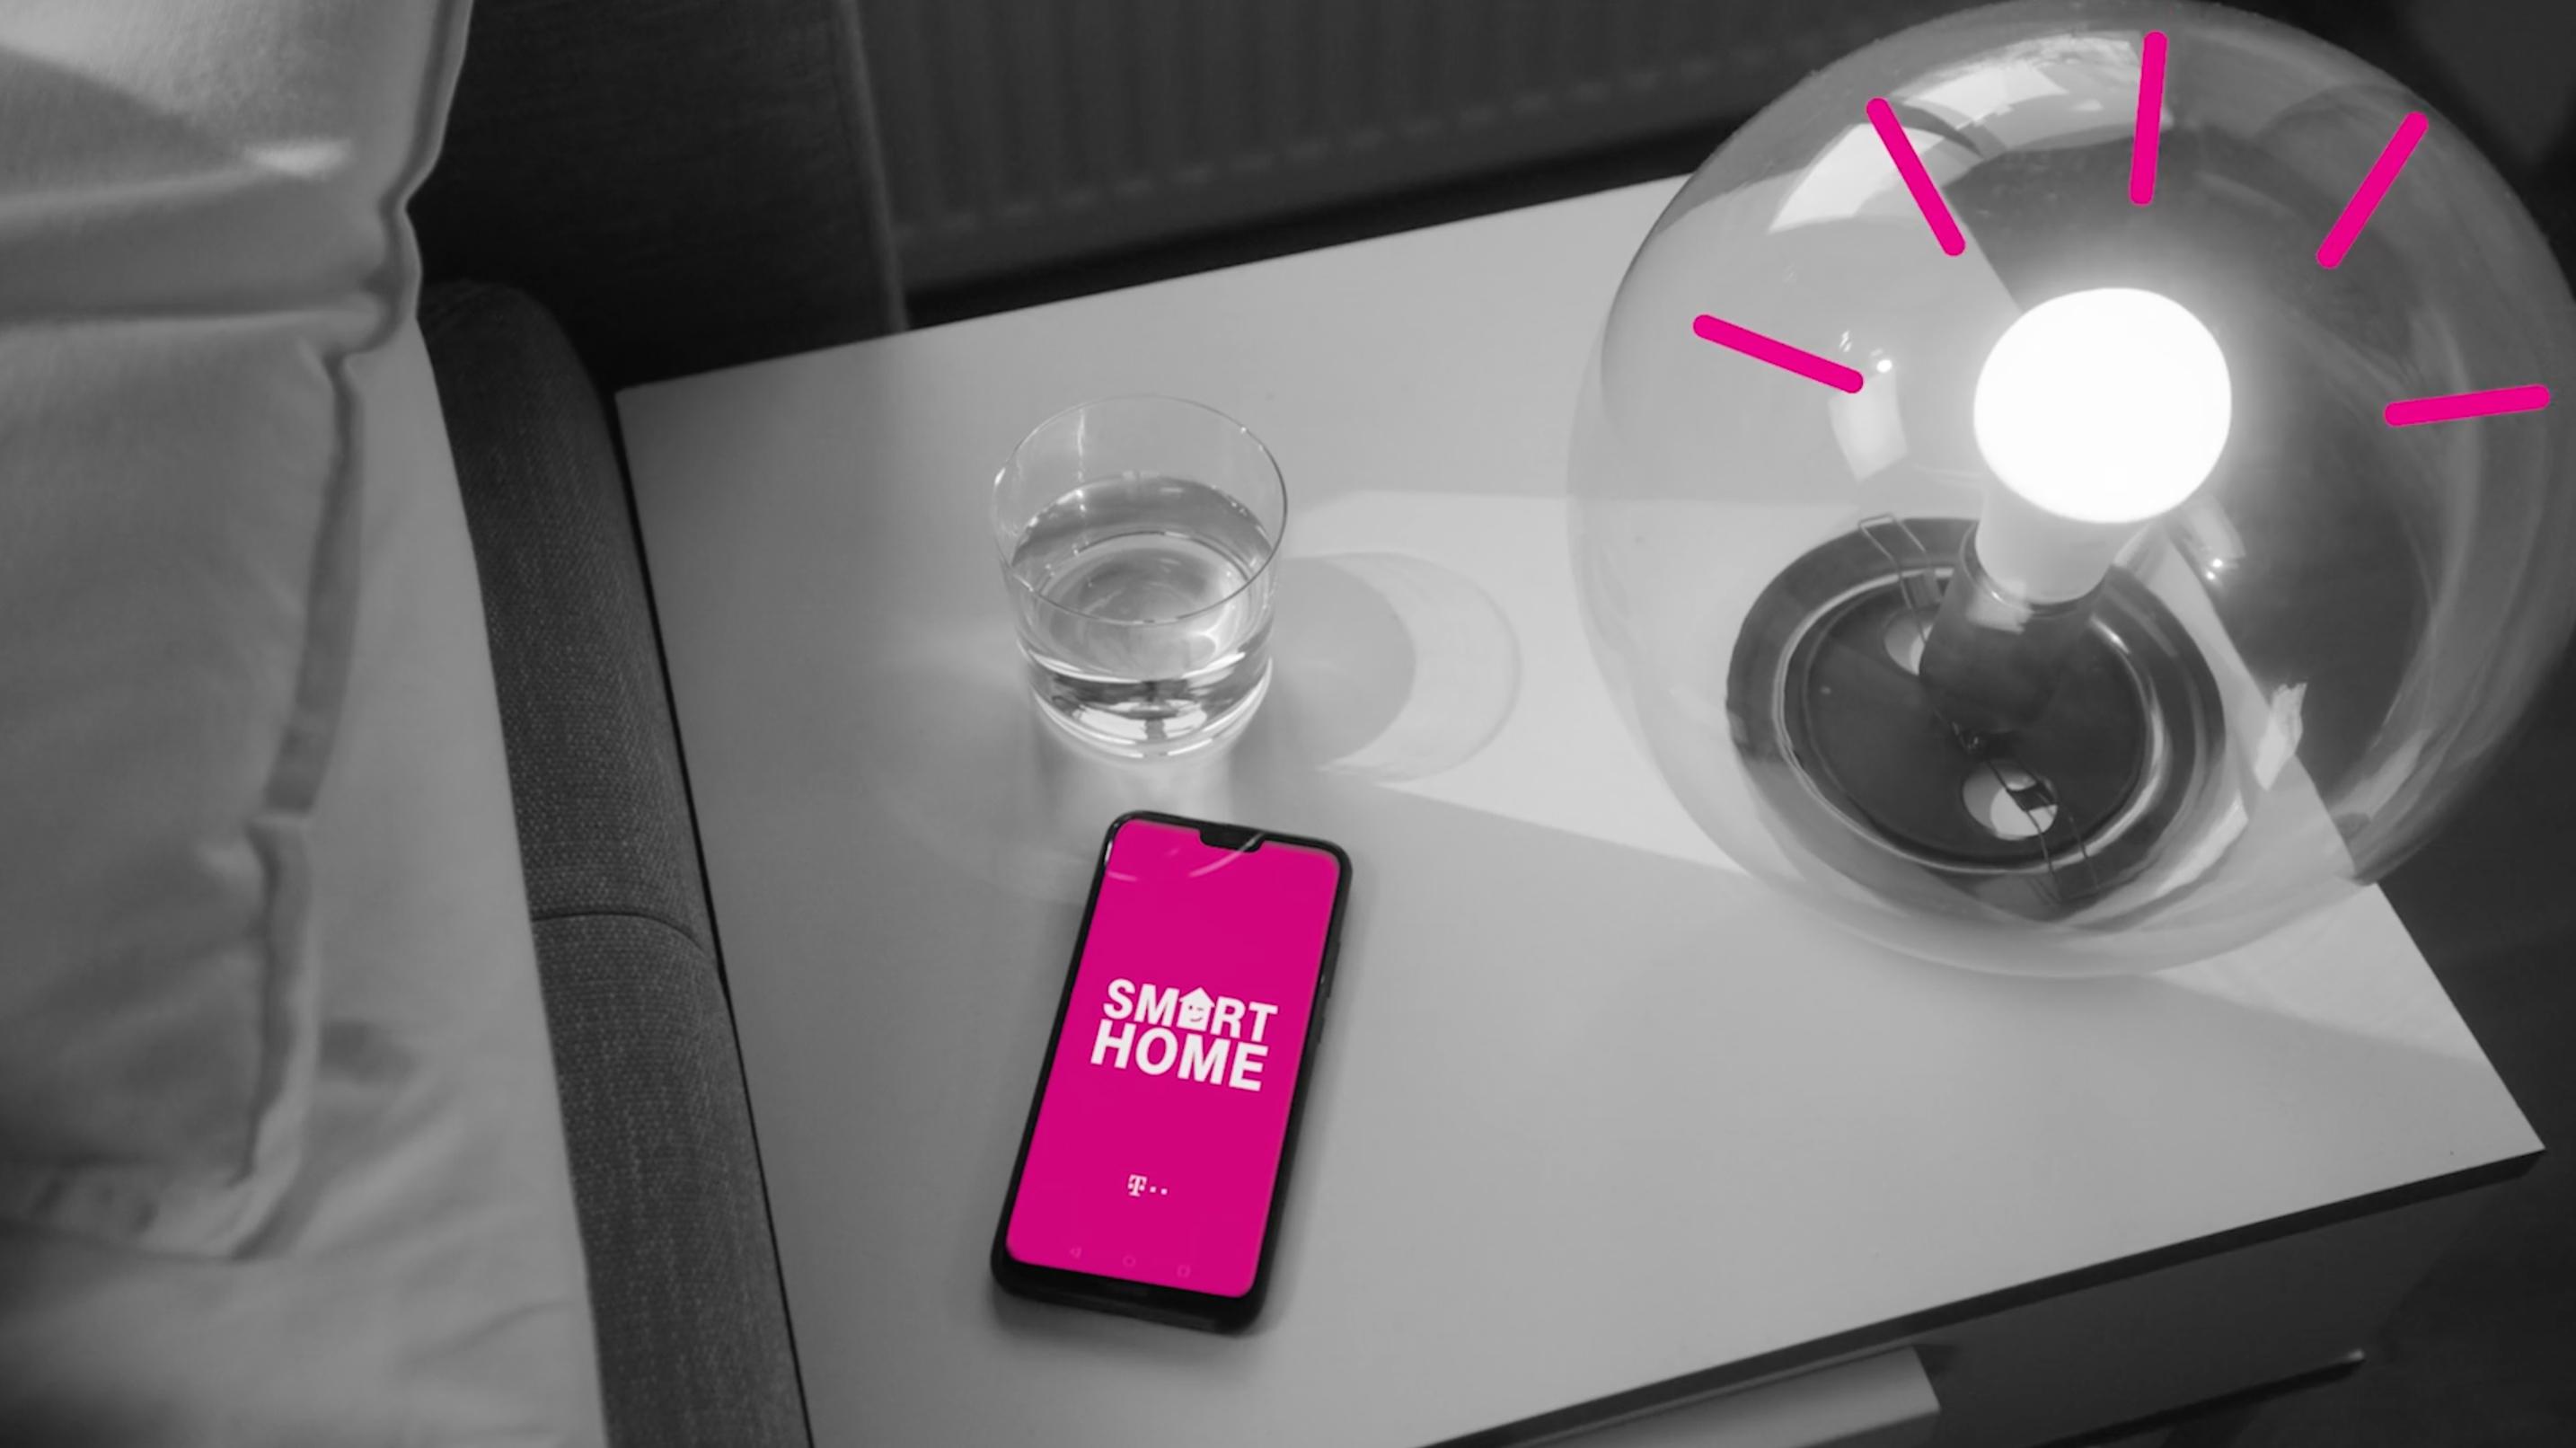 T-Mobile SmartHome